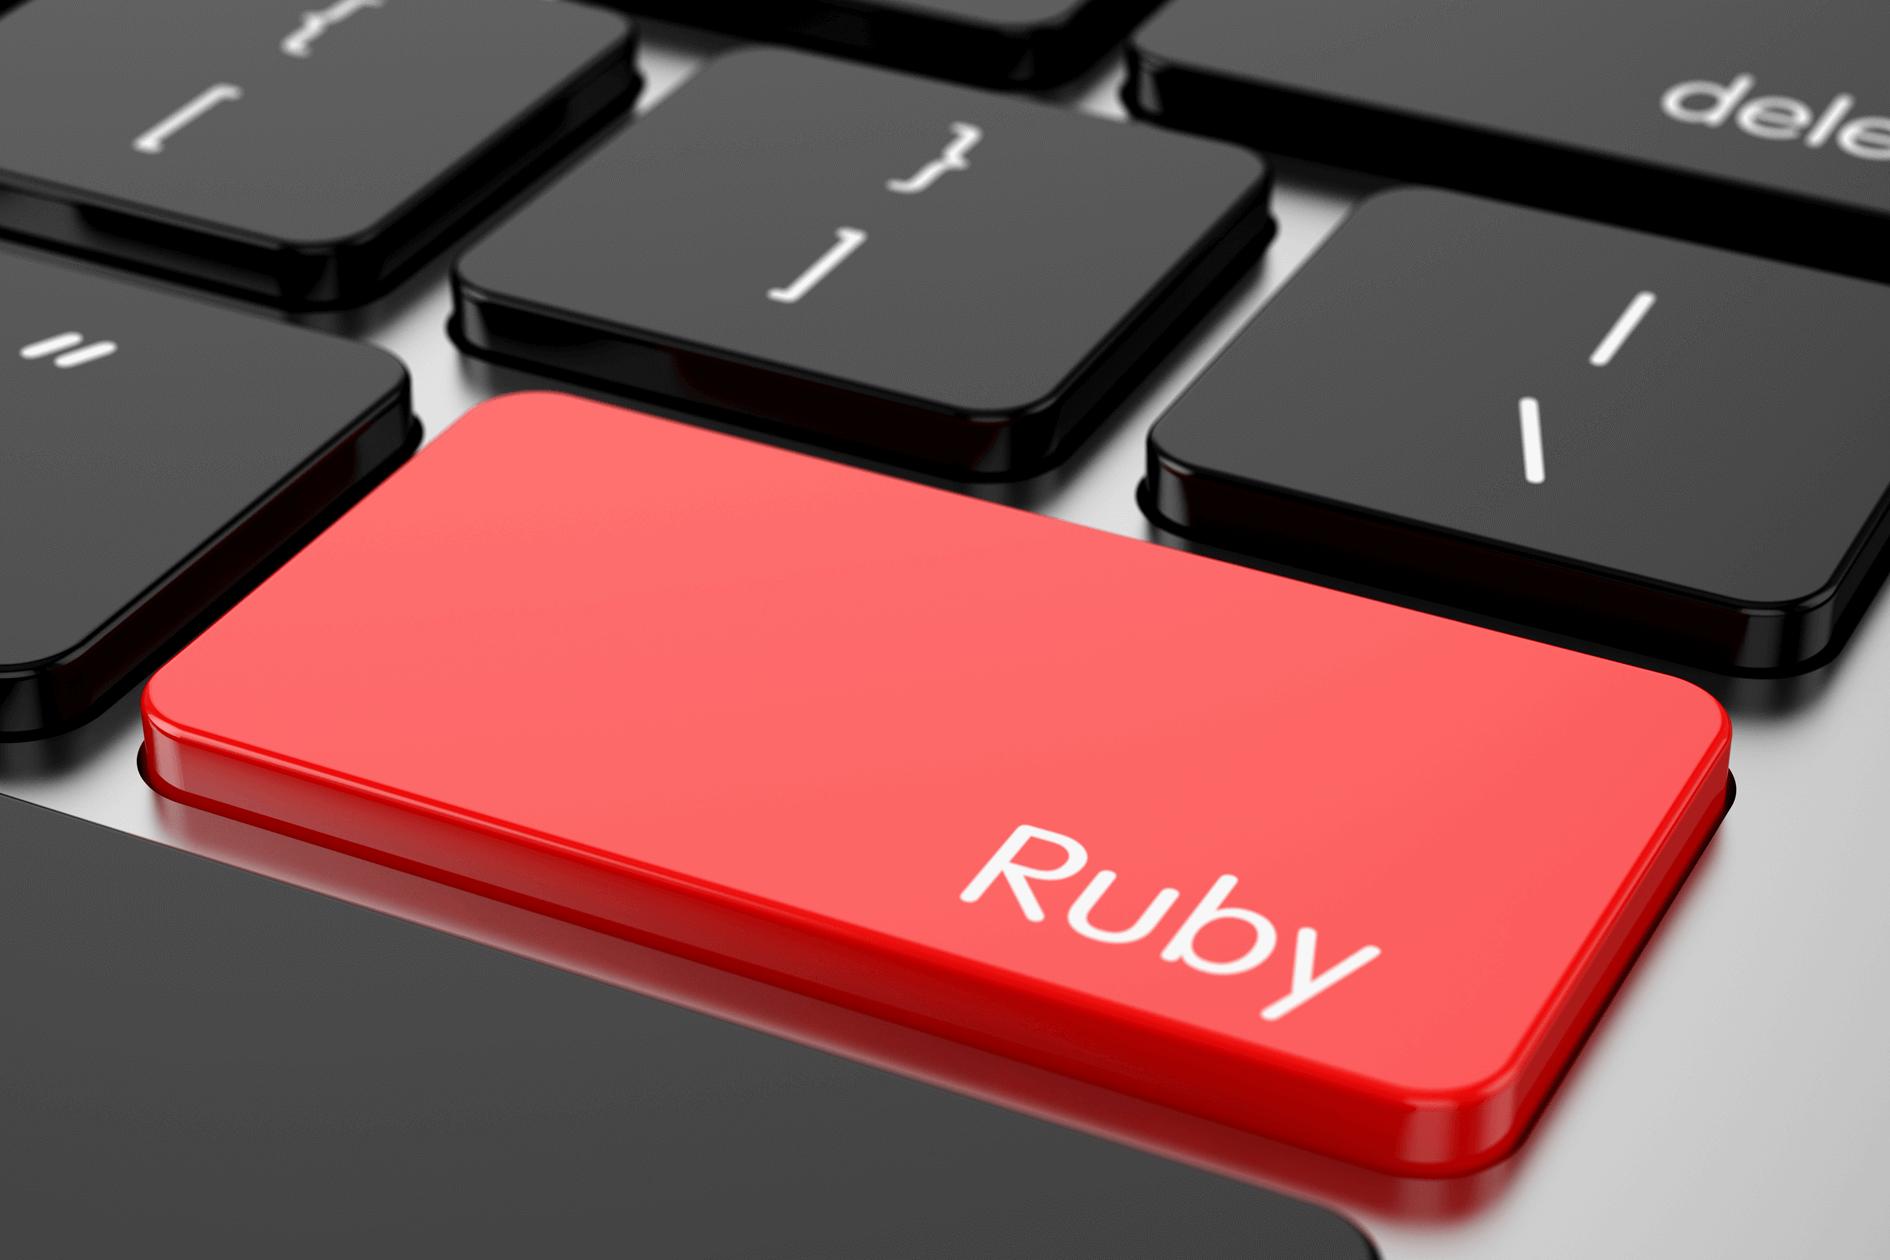 Rubyの配列(array)をマスターしよう!配列のメソッド・使い方を解説!